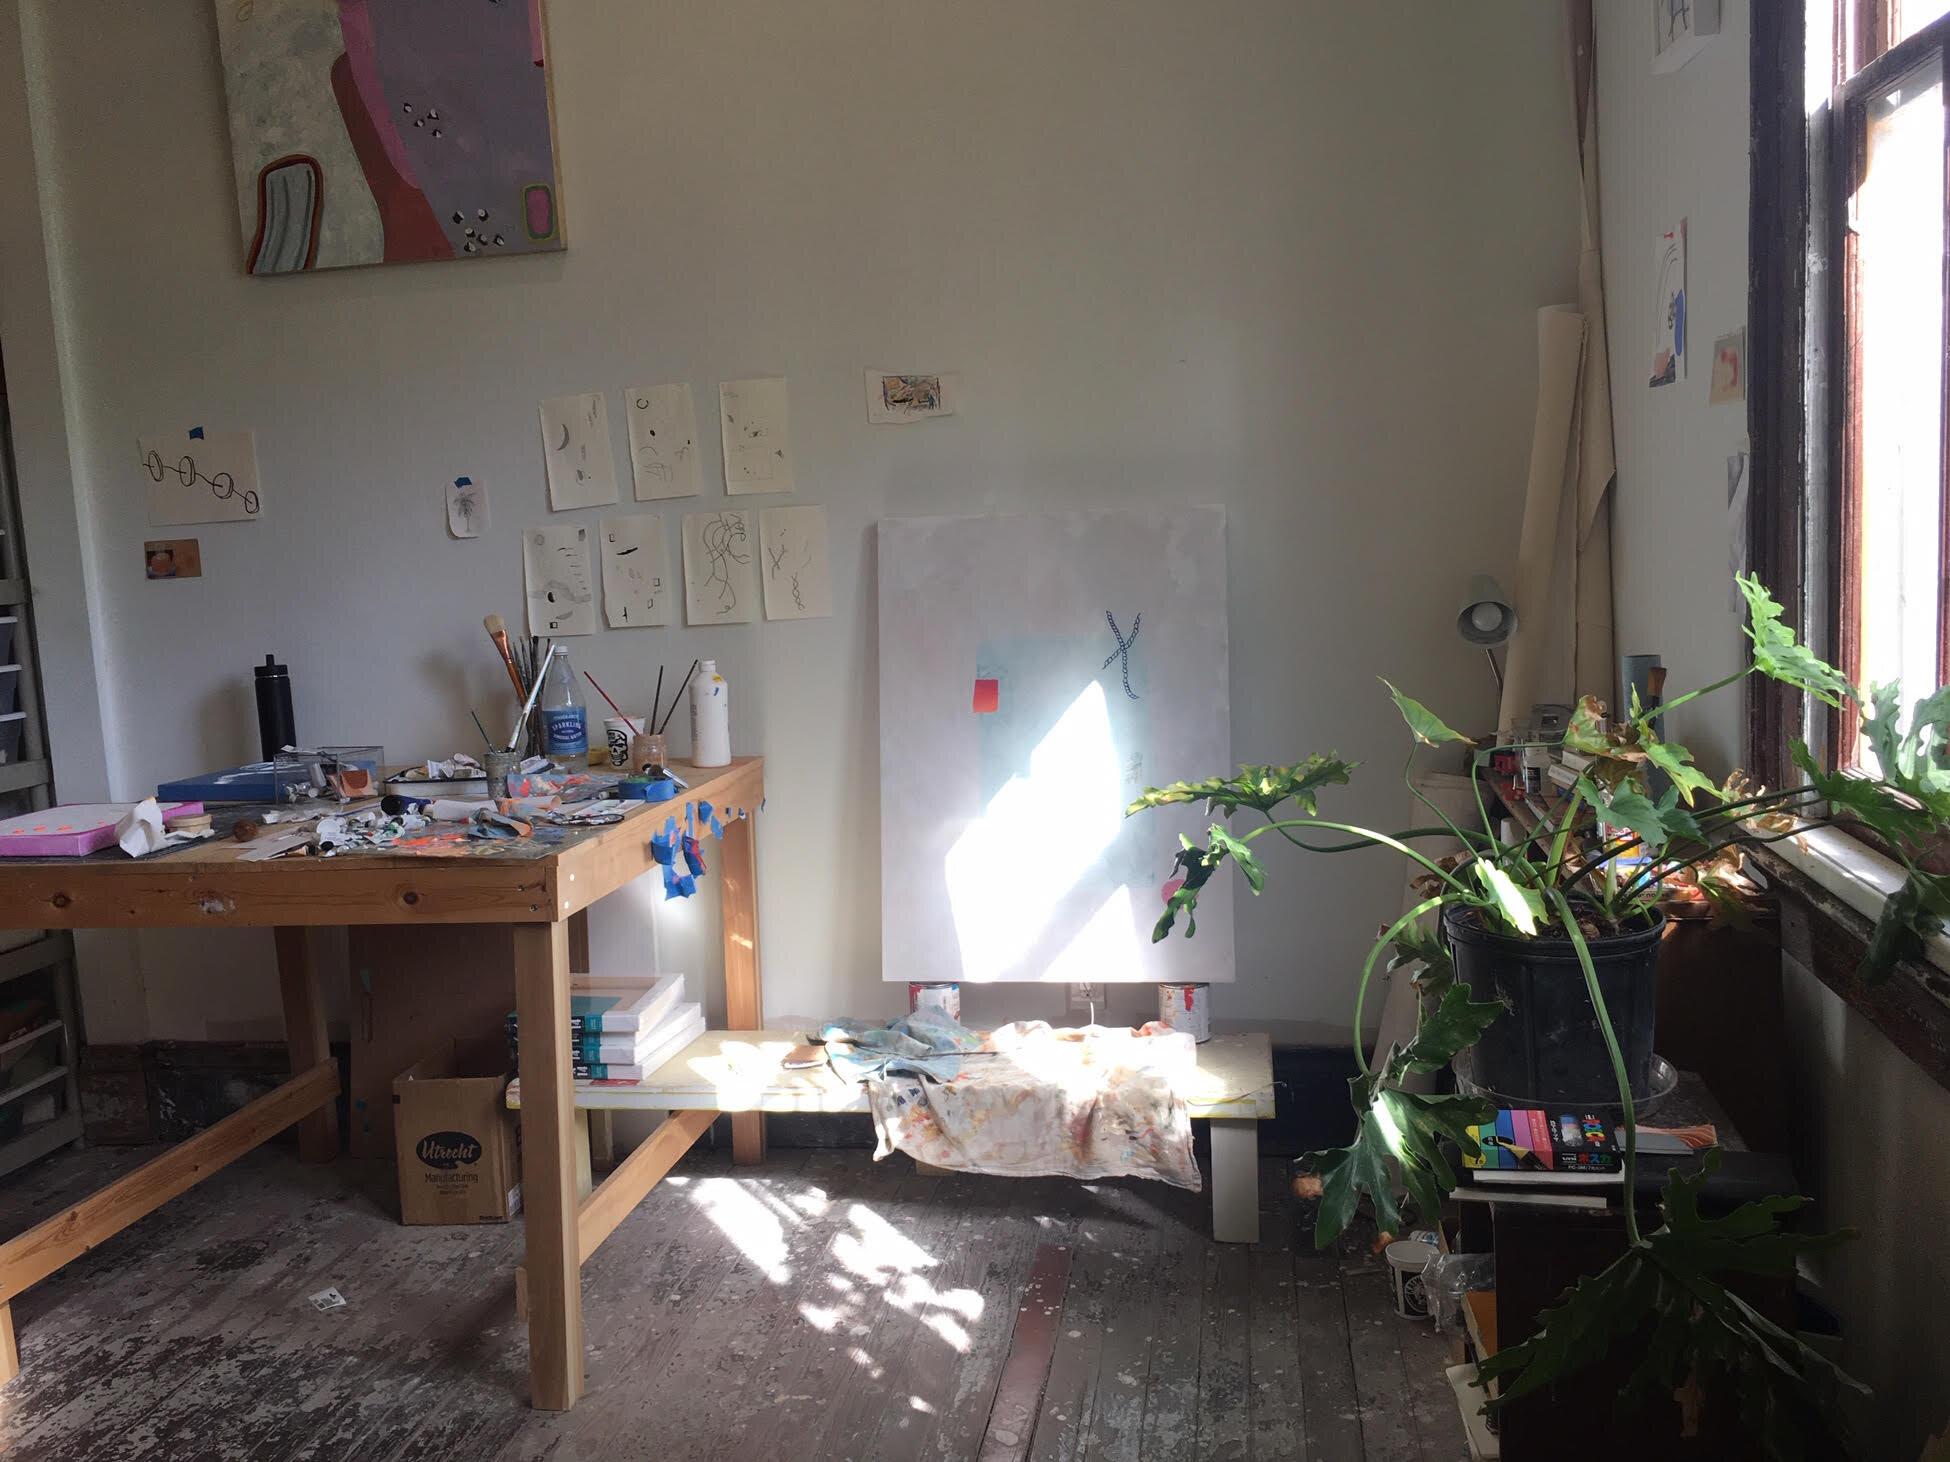 Studio Oct 10.jpg